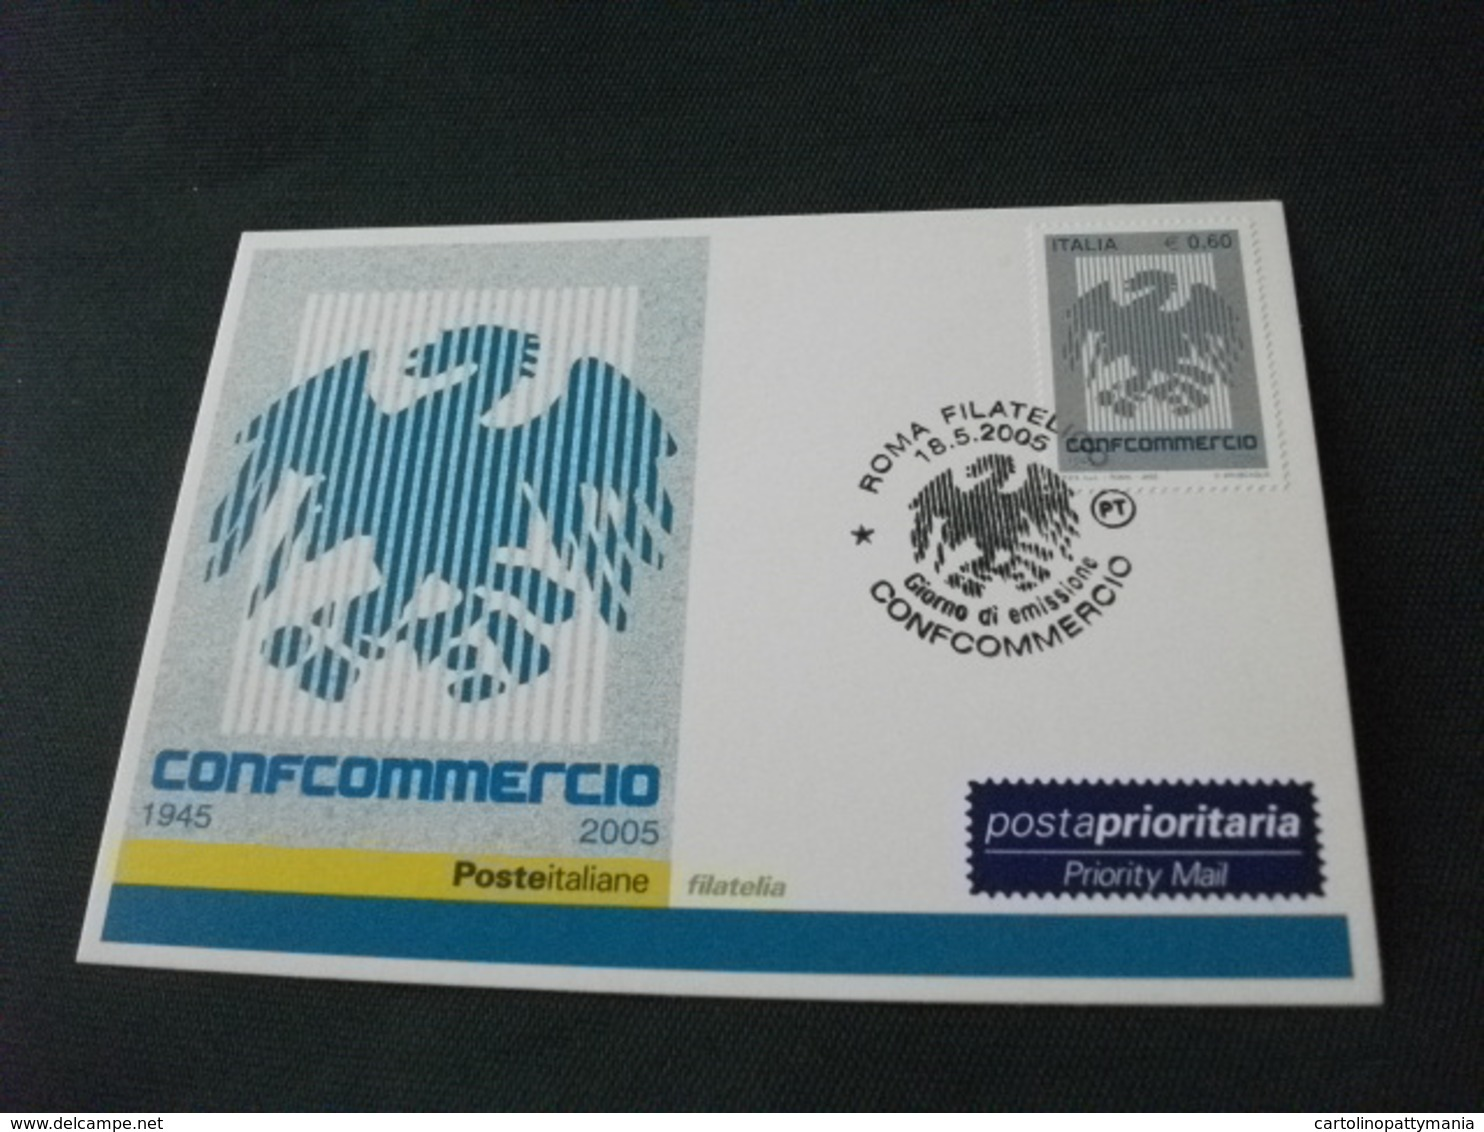 MAXIMUM CONFCOMMERCIO 1945 CARTOLINA POSTALE ITALIA  2005 - Commercio